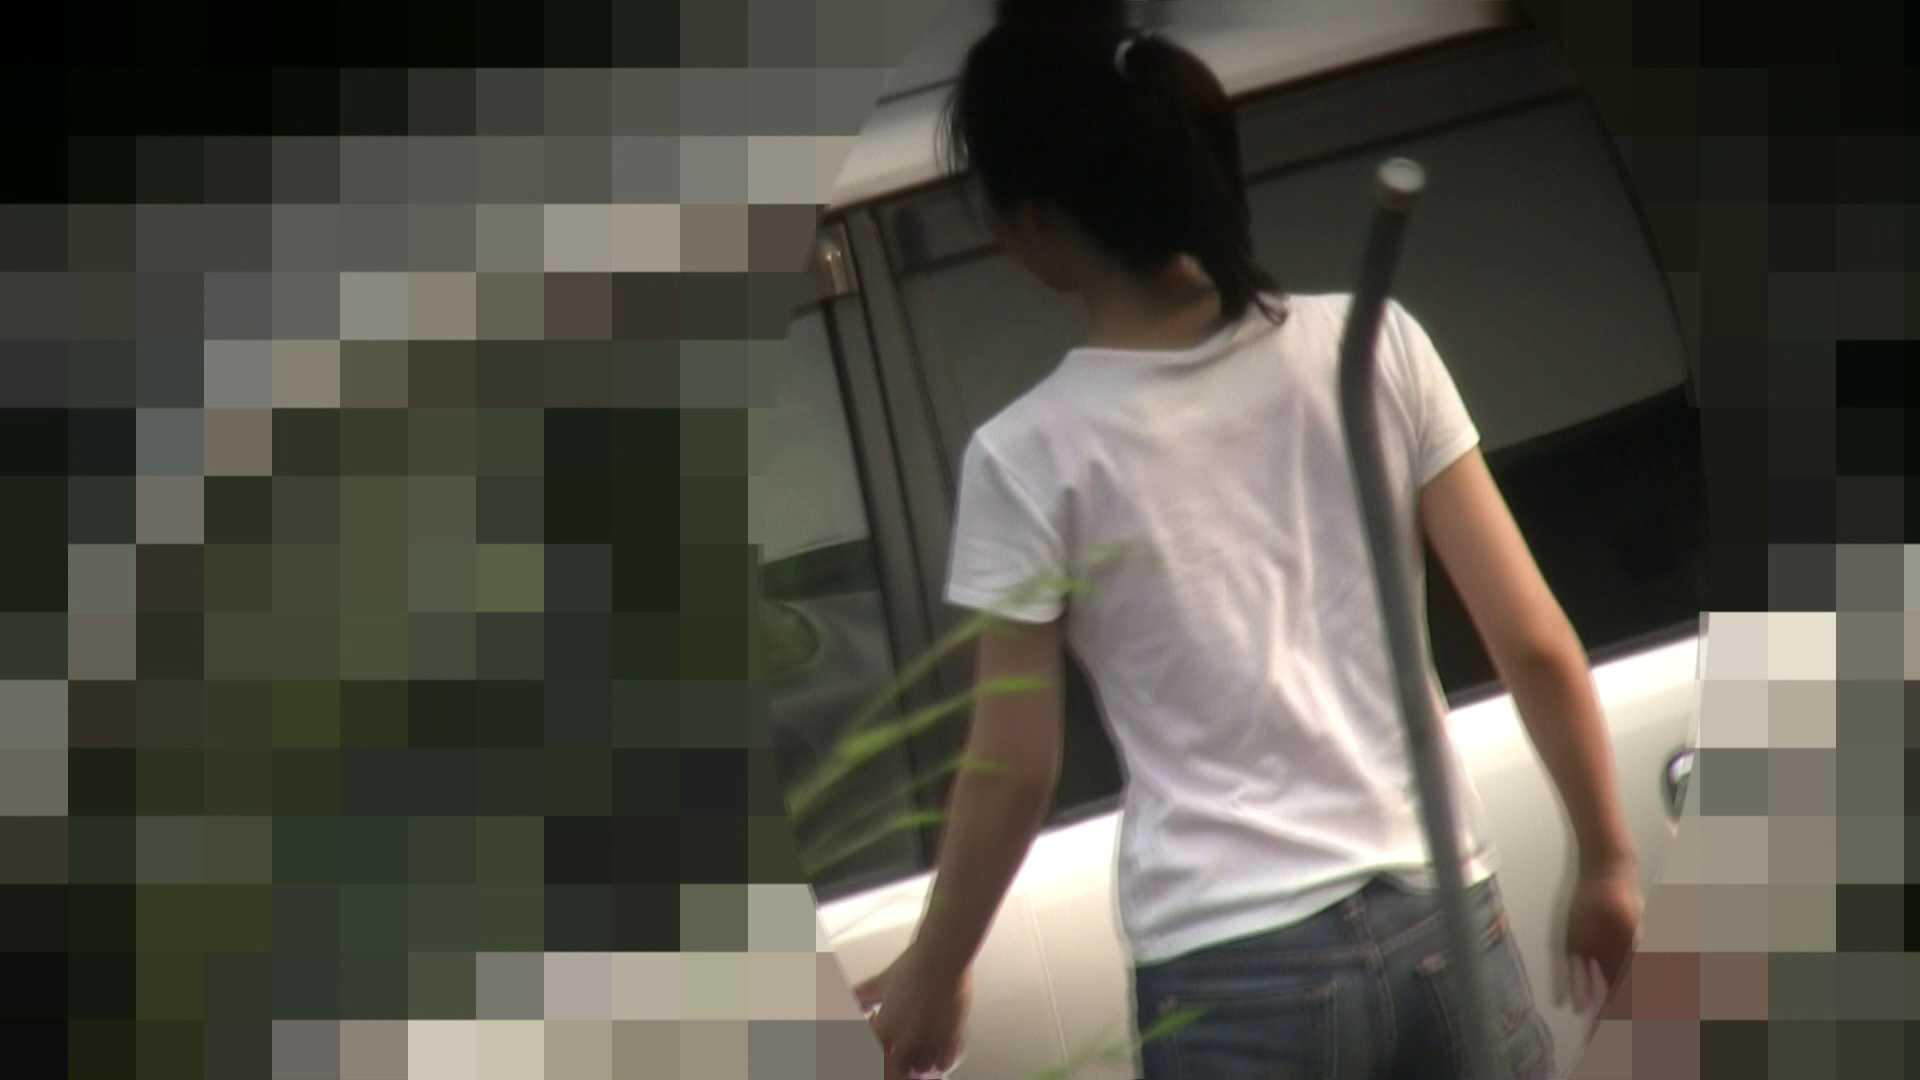 高画質露天女風呂観察 vol.027 望遠 アダルト動画キャプチャ 72画像 62